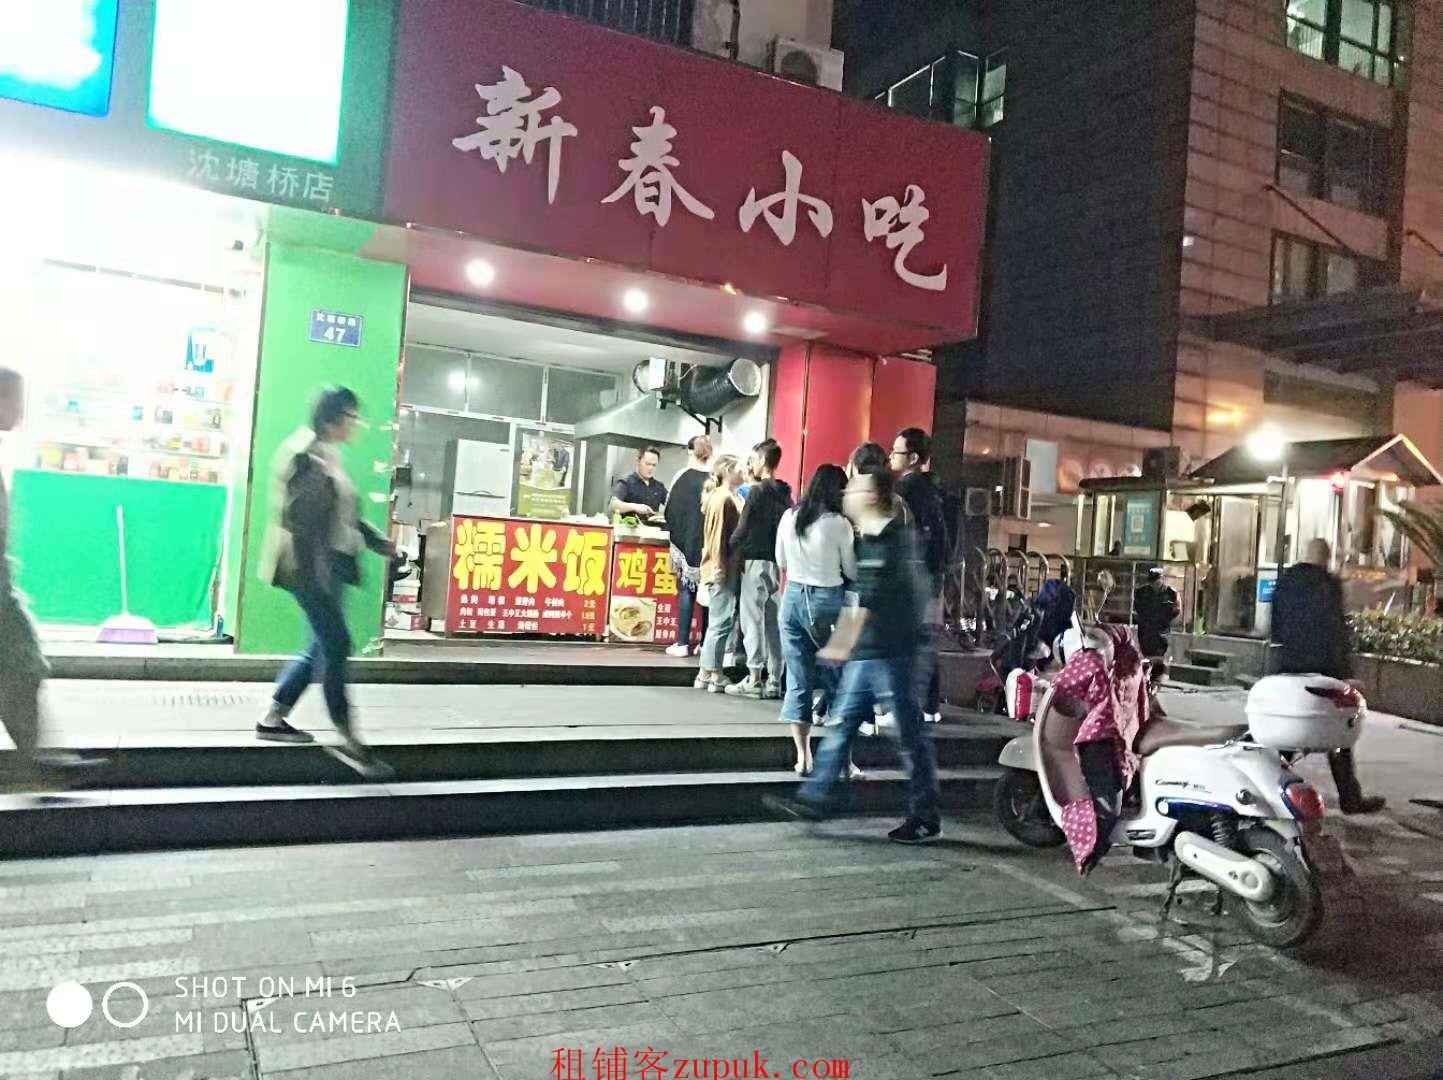 黄埔人民广场商圈,外卖神铺租金只要9千,无转让进场费,有煤气